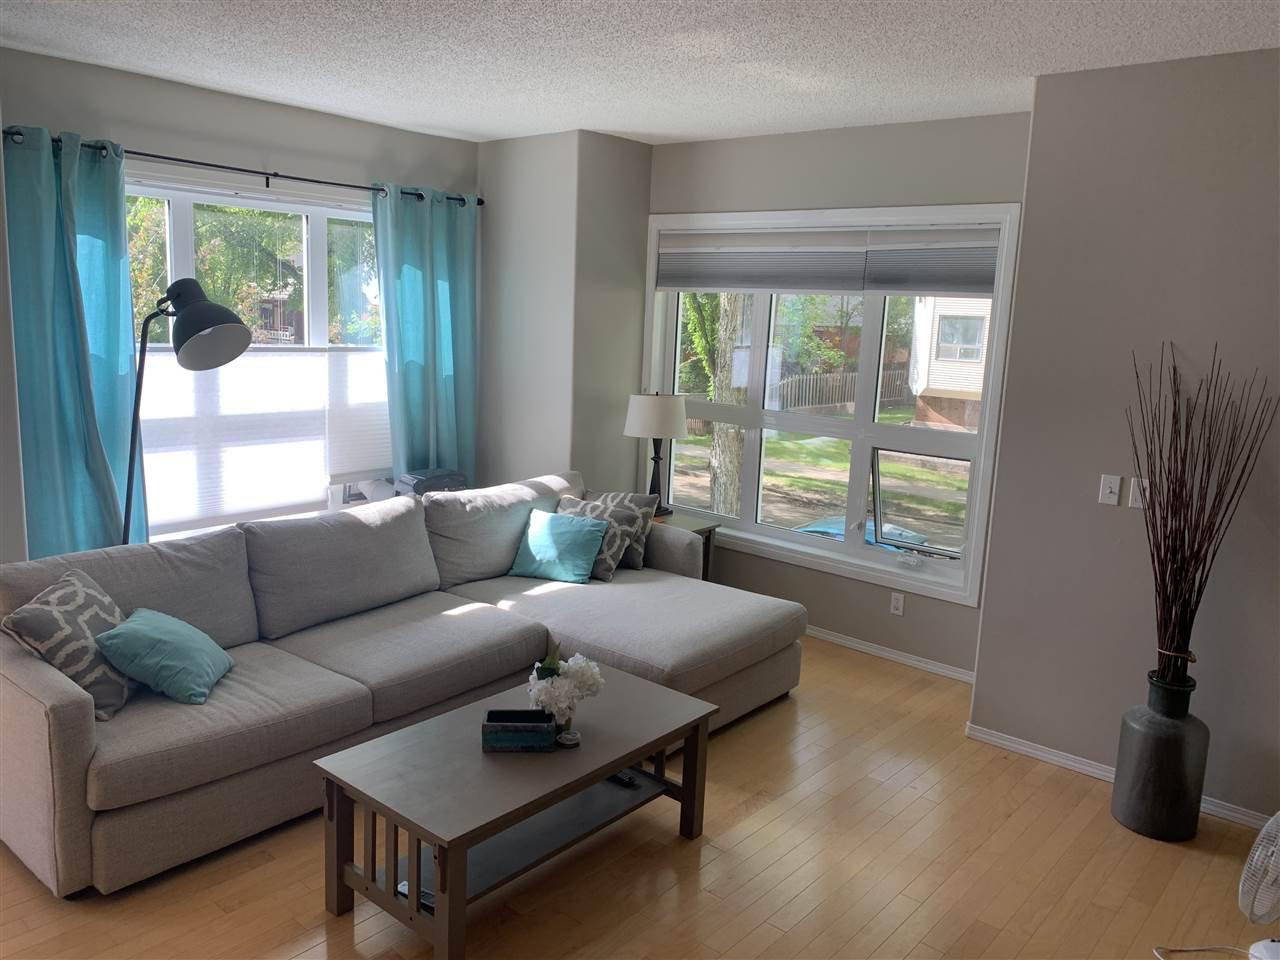 Main Photo: 201 11109 84 Avenue in Edmonton: Zone 15 Condo for sale : MLS®# E4204796